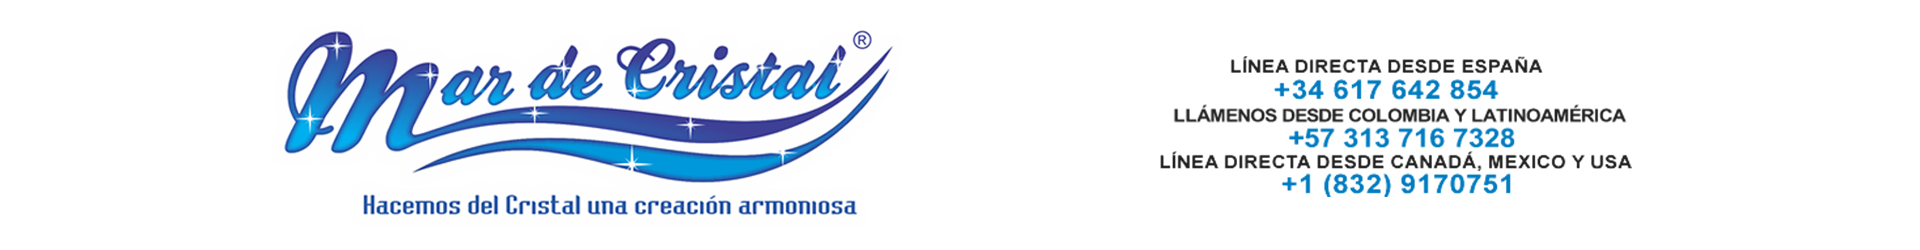 logo-mar-cristal-banner-1-pulpitos-cristal-muebles-decoracion-colombia-america-europa